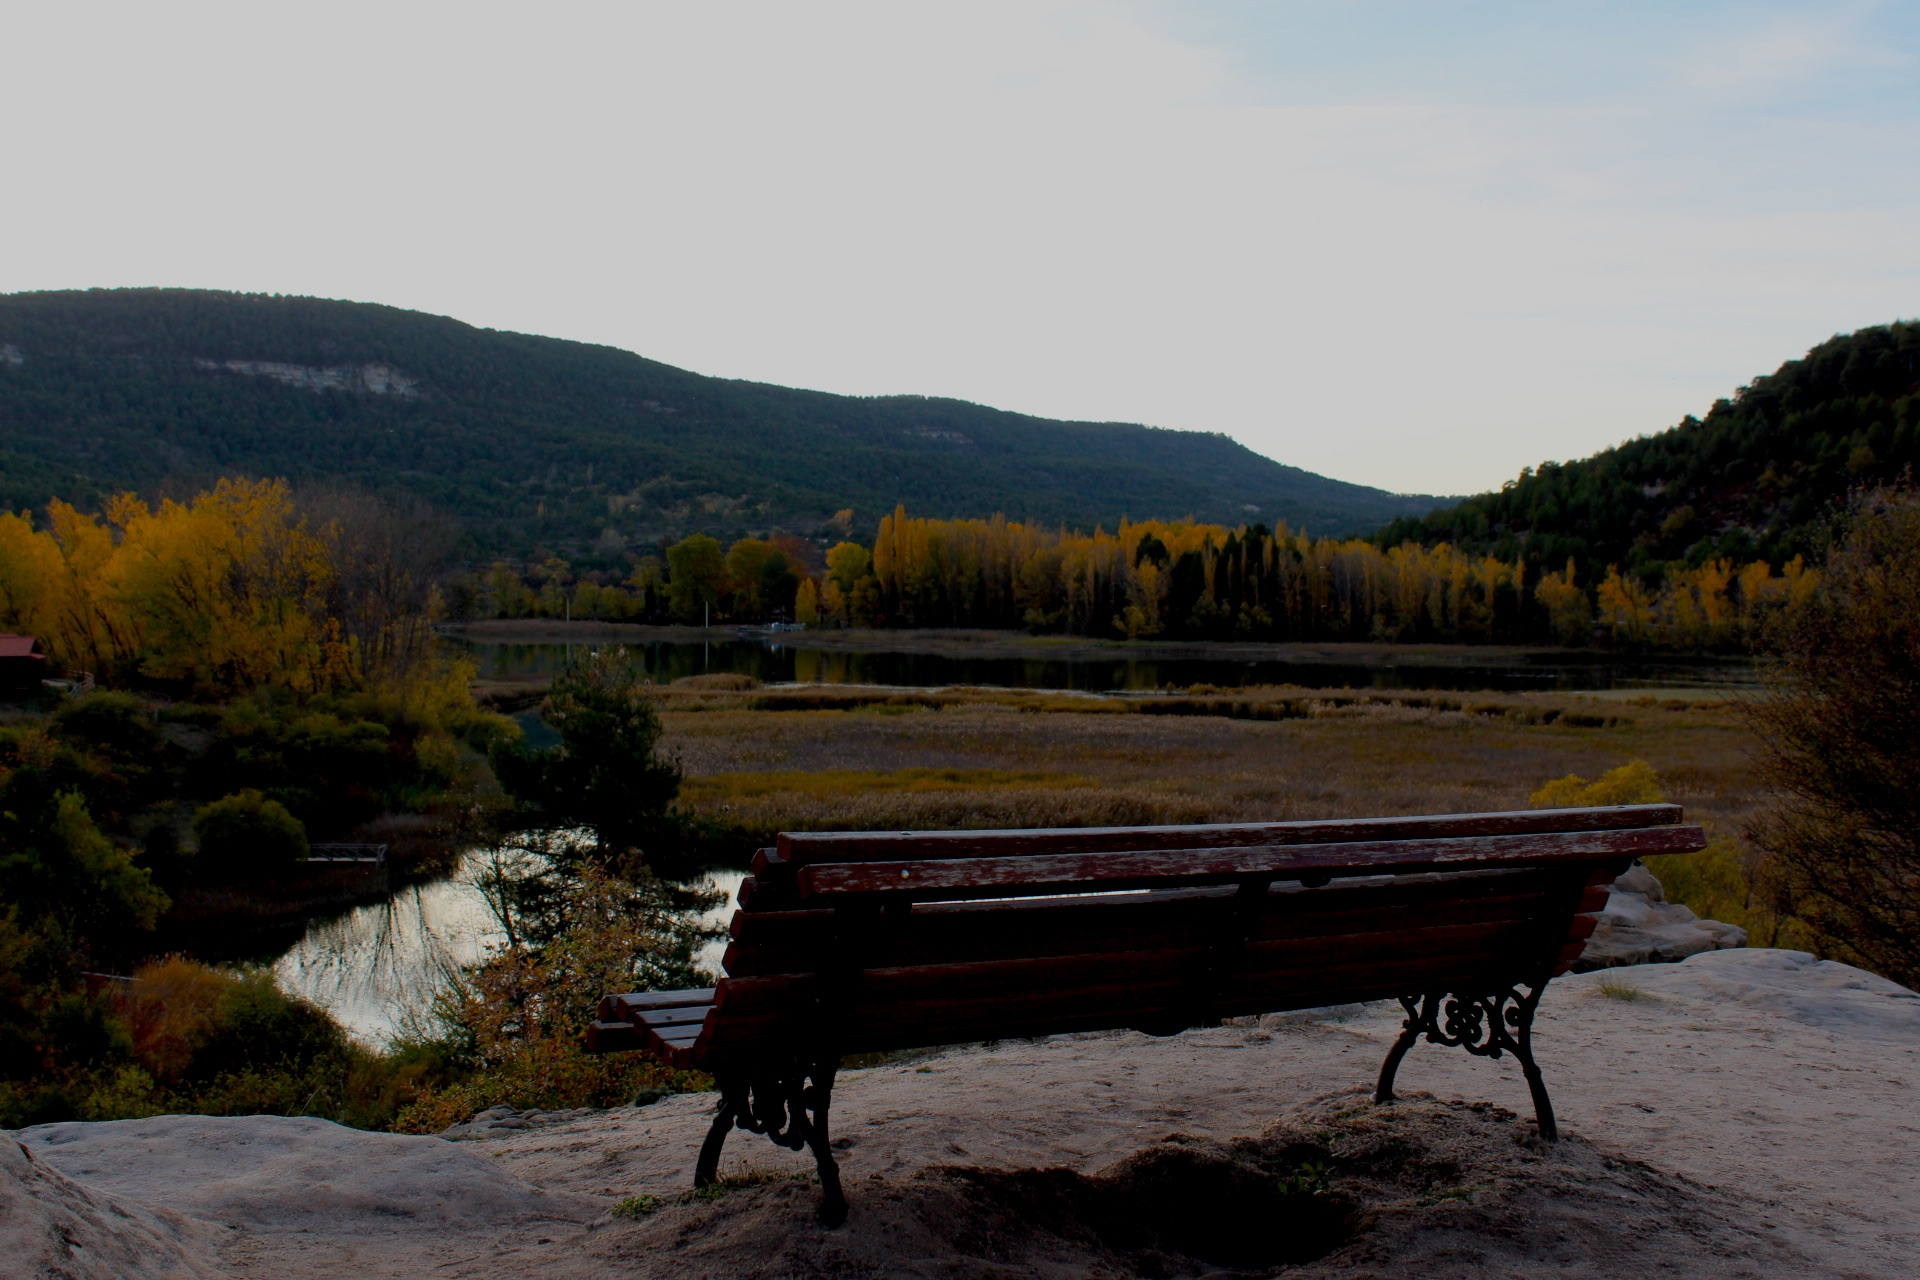 El Mirador de La Laguna